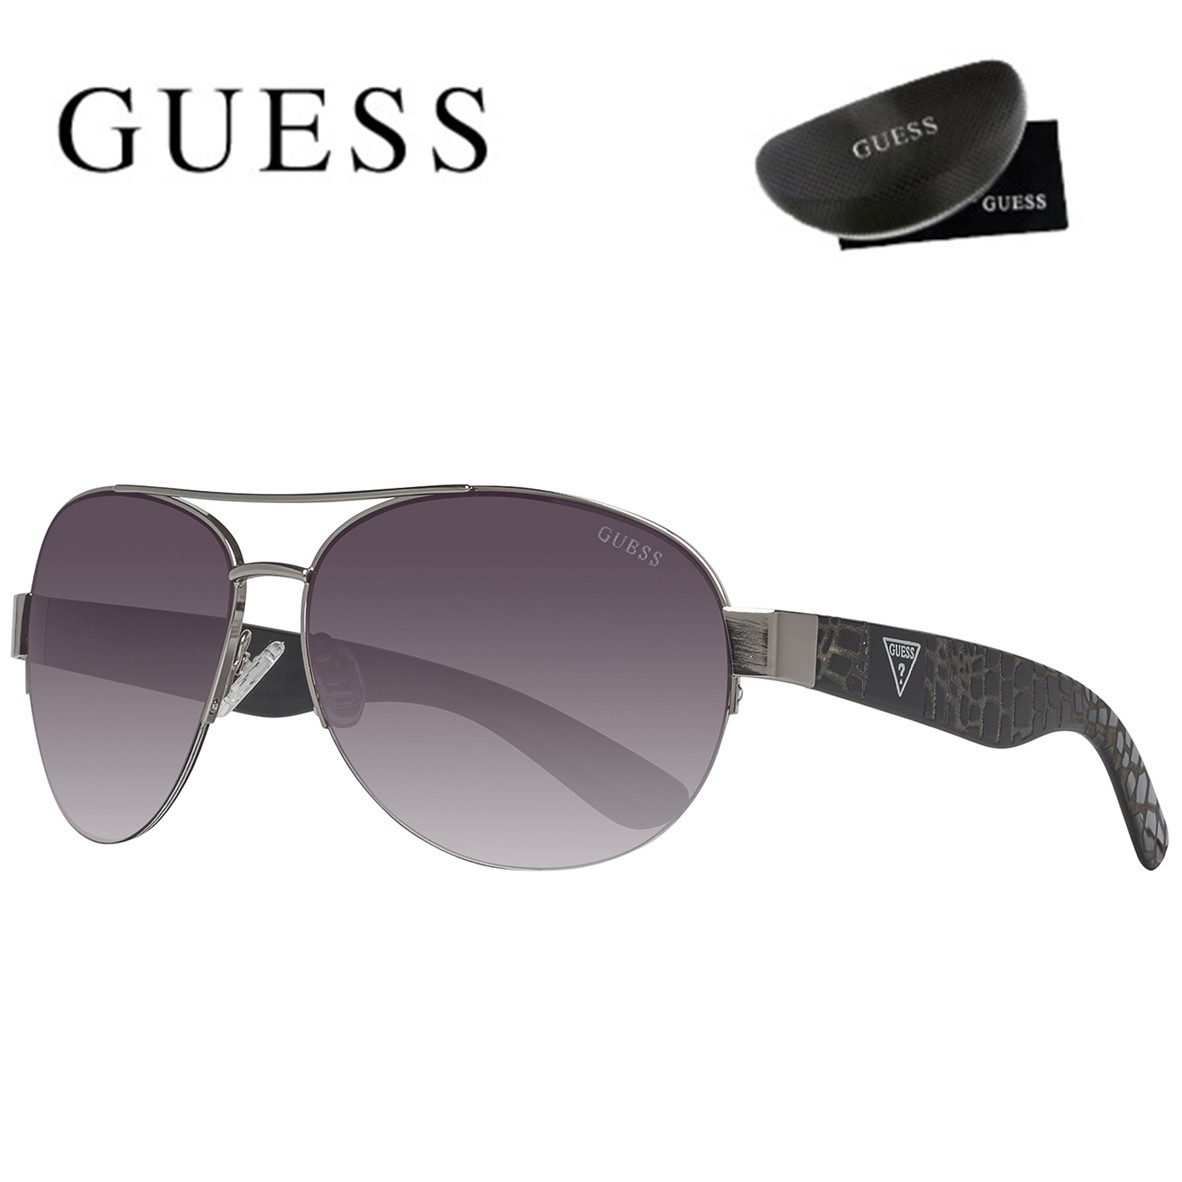 Guess® Óculos de Sol GF0288 06B 64 - You Like It c5c7580dd9